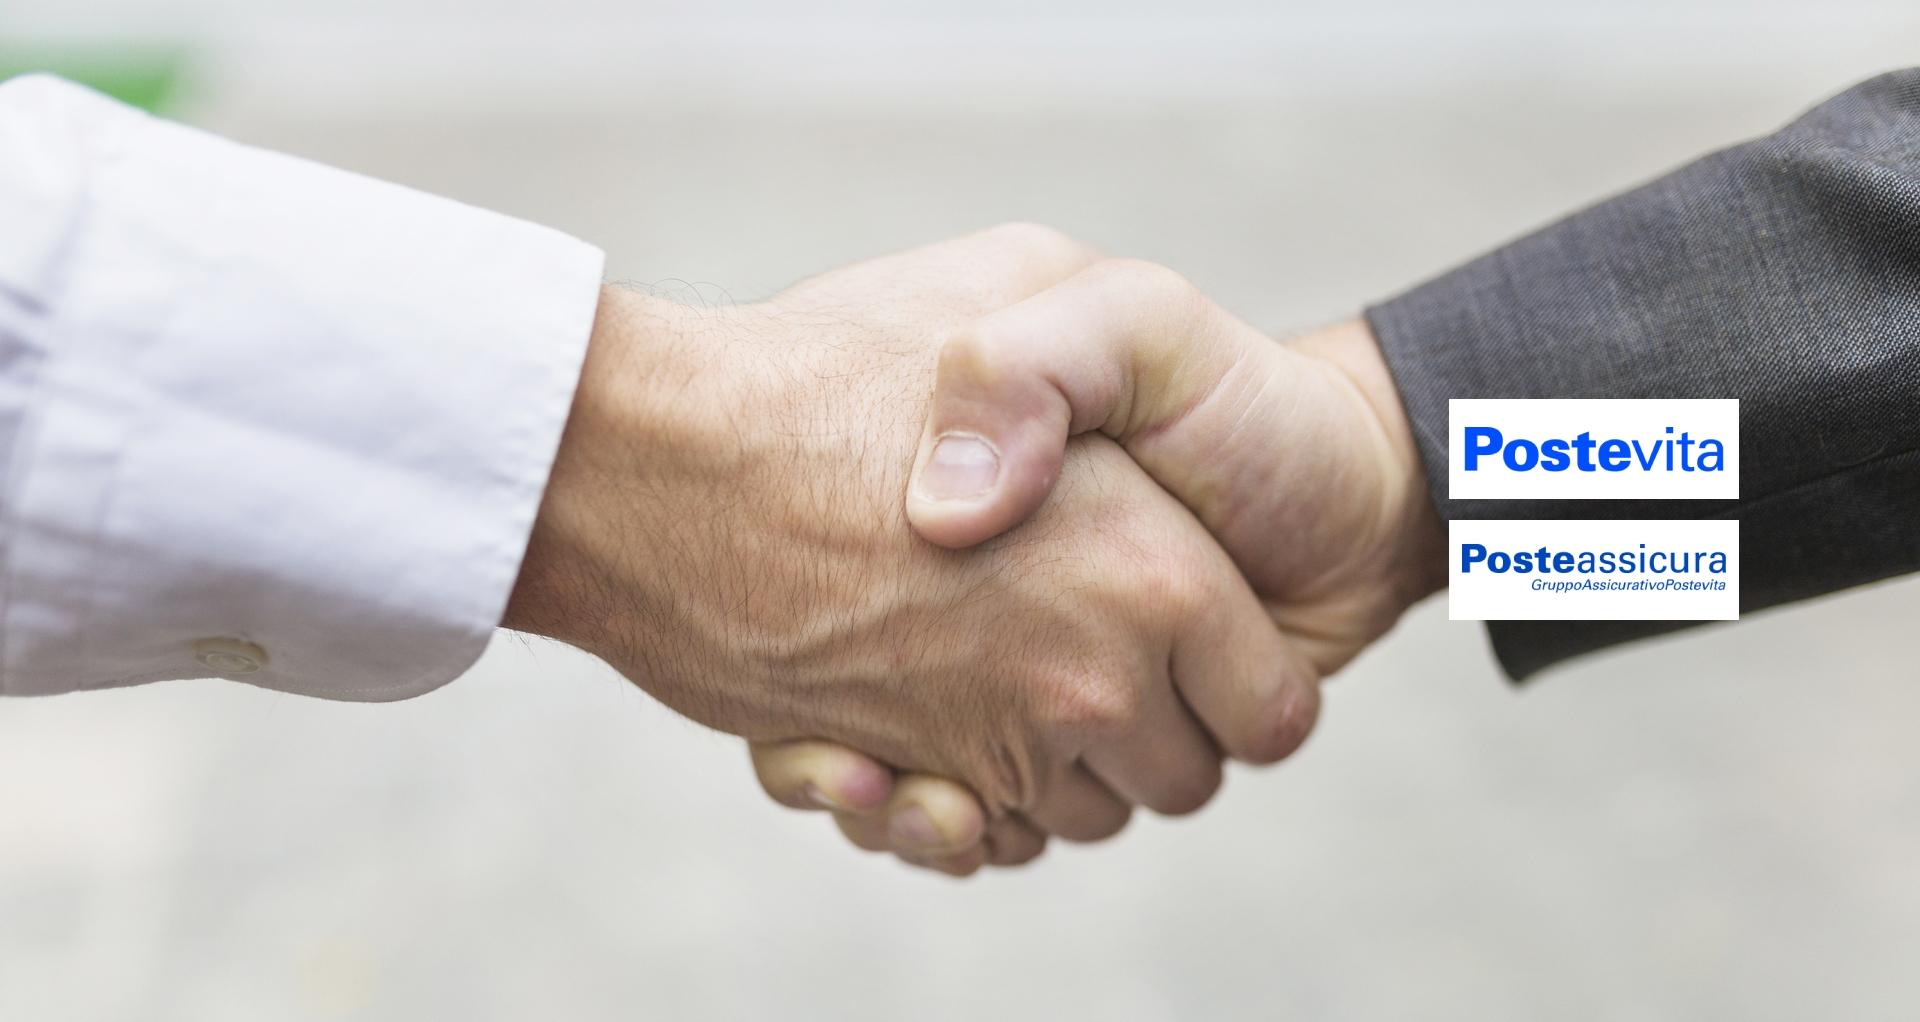 <span>Convenzione con POSTEVITA , POSTEASSICURA, POSTECOLLETTIVE